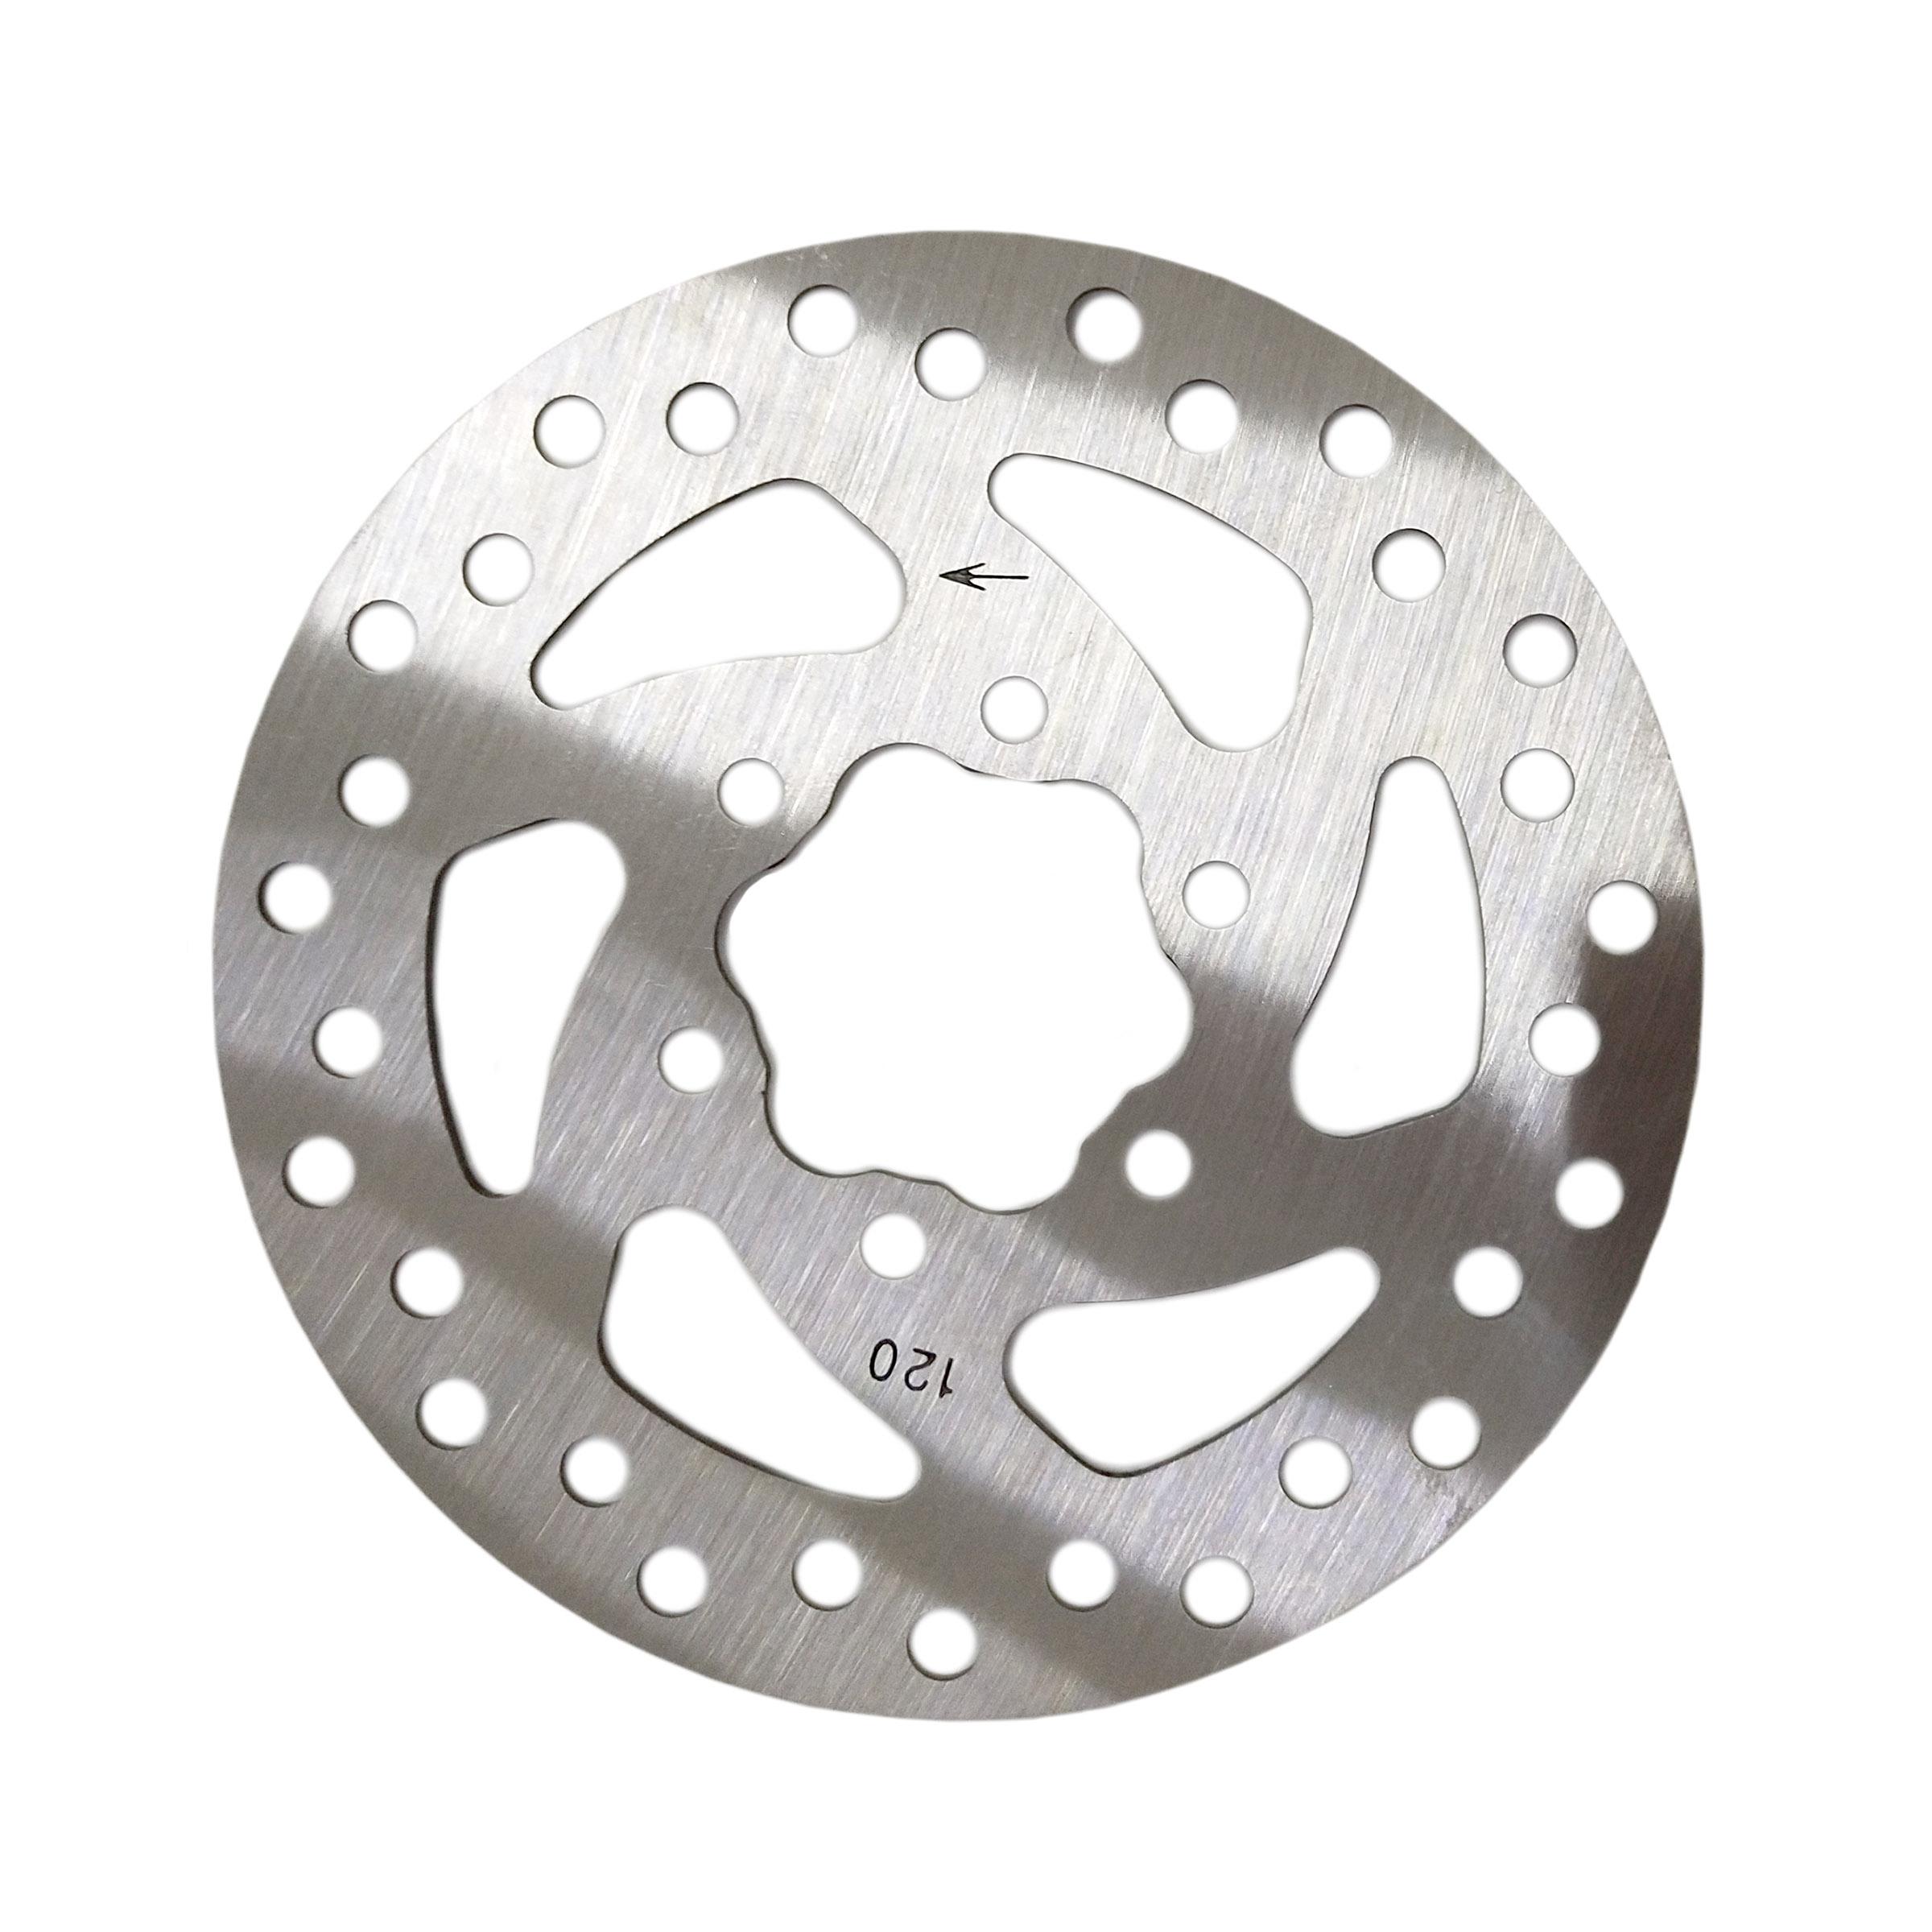 Bremsscheibe 120mm Stahl